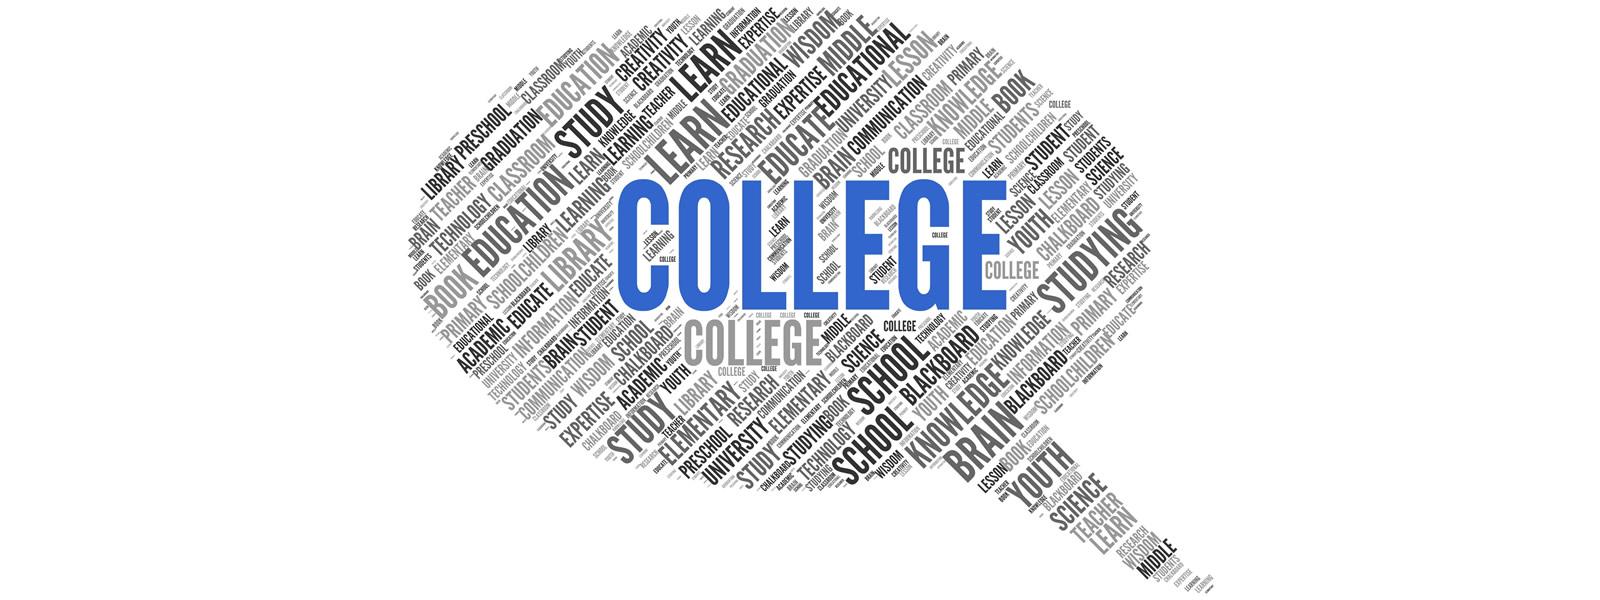 College funding media